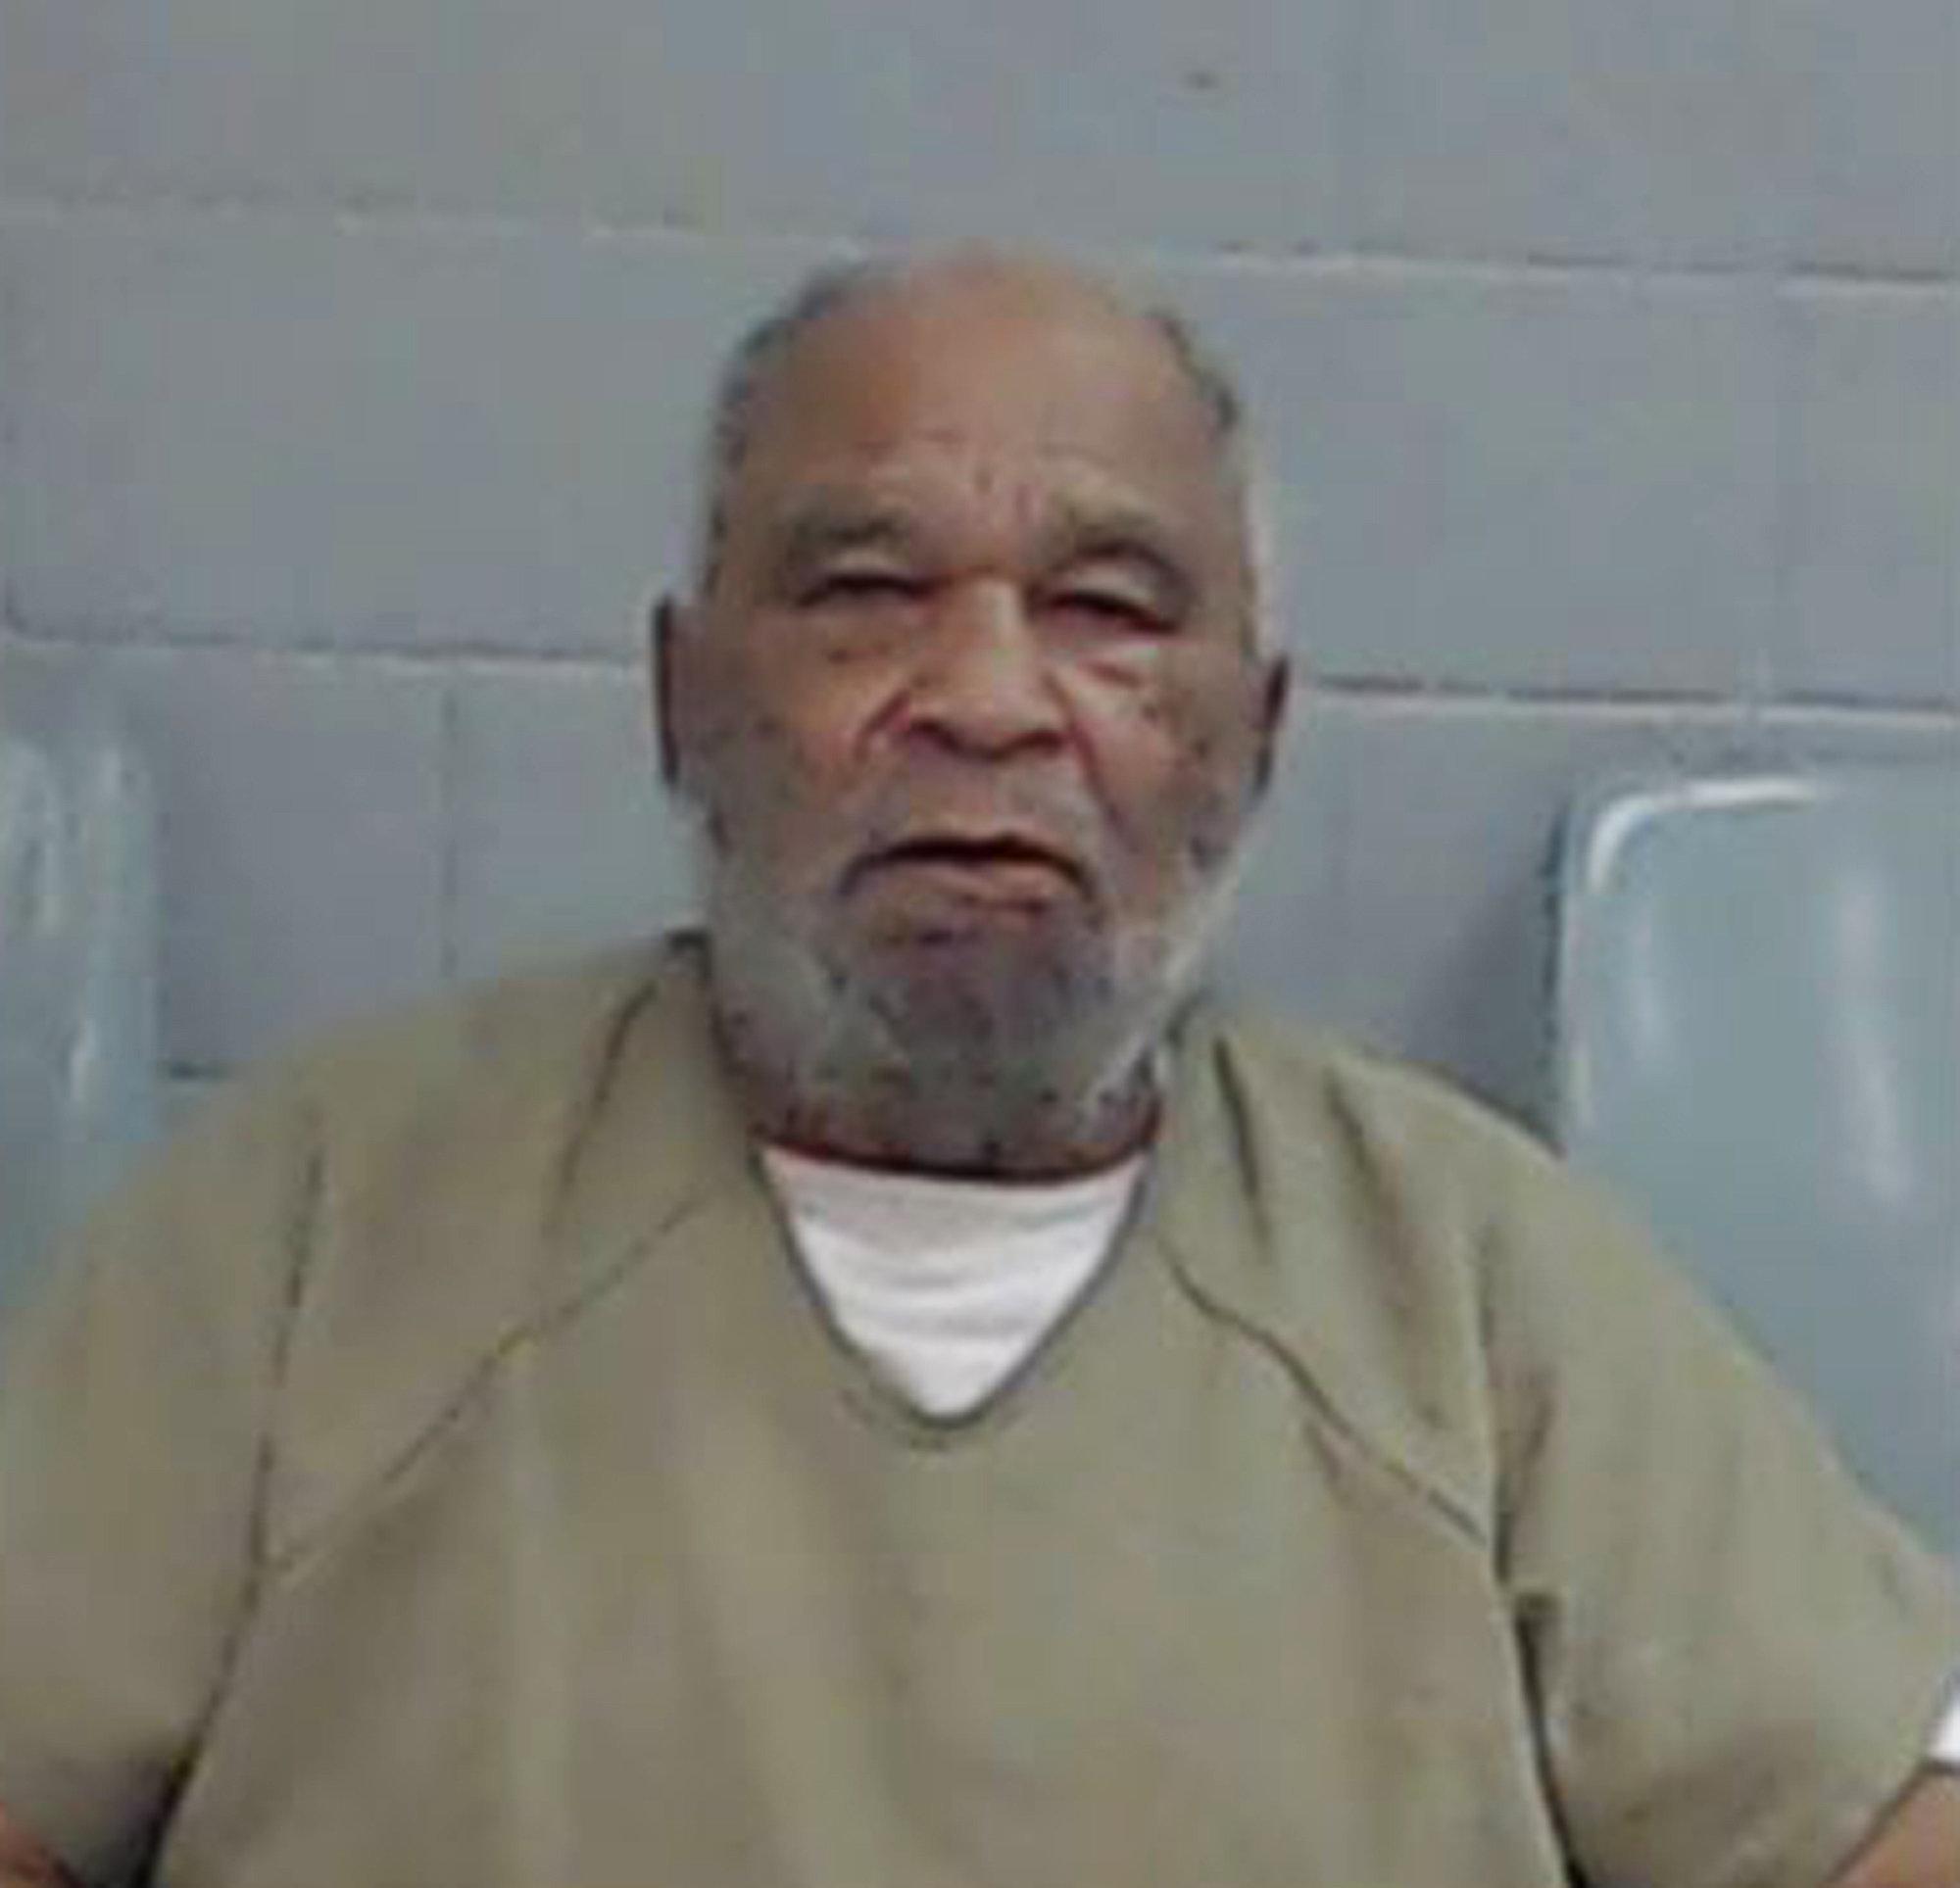 ΗΠΑ: Κρατούμενος ομολόγησε 90 δολοφονίες- έχουν επιβεβαιωθεί οι